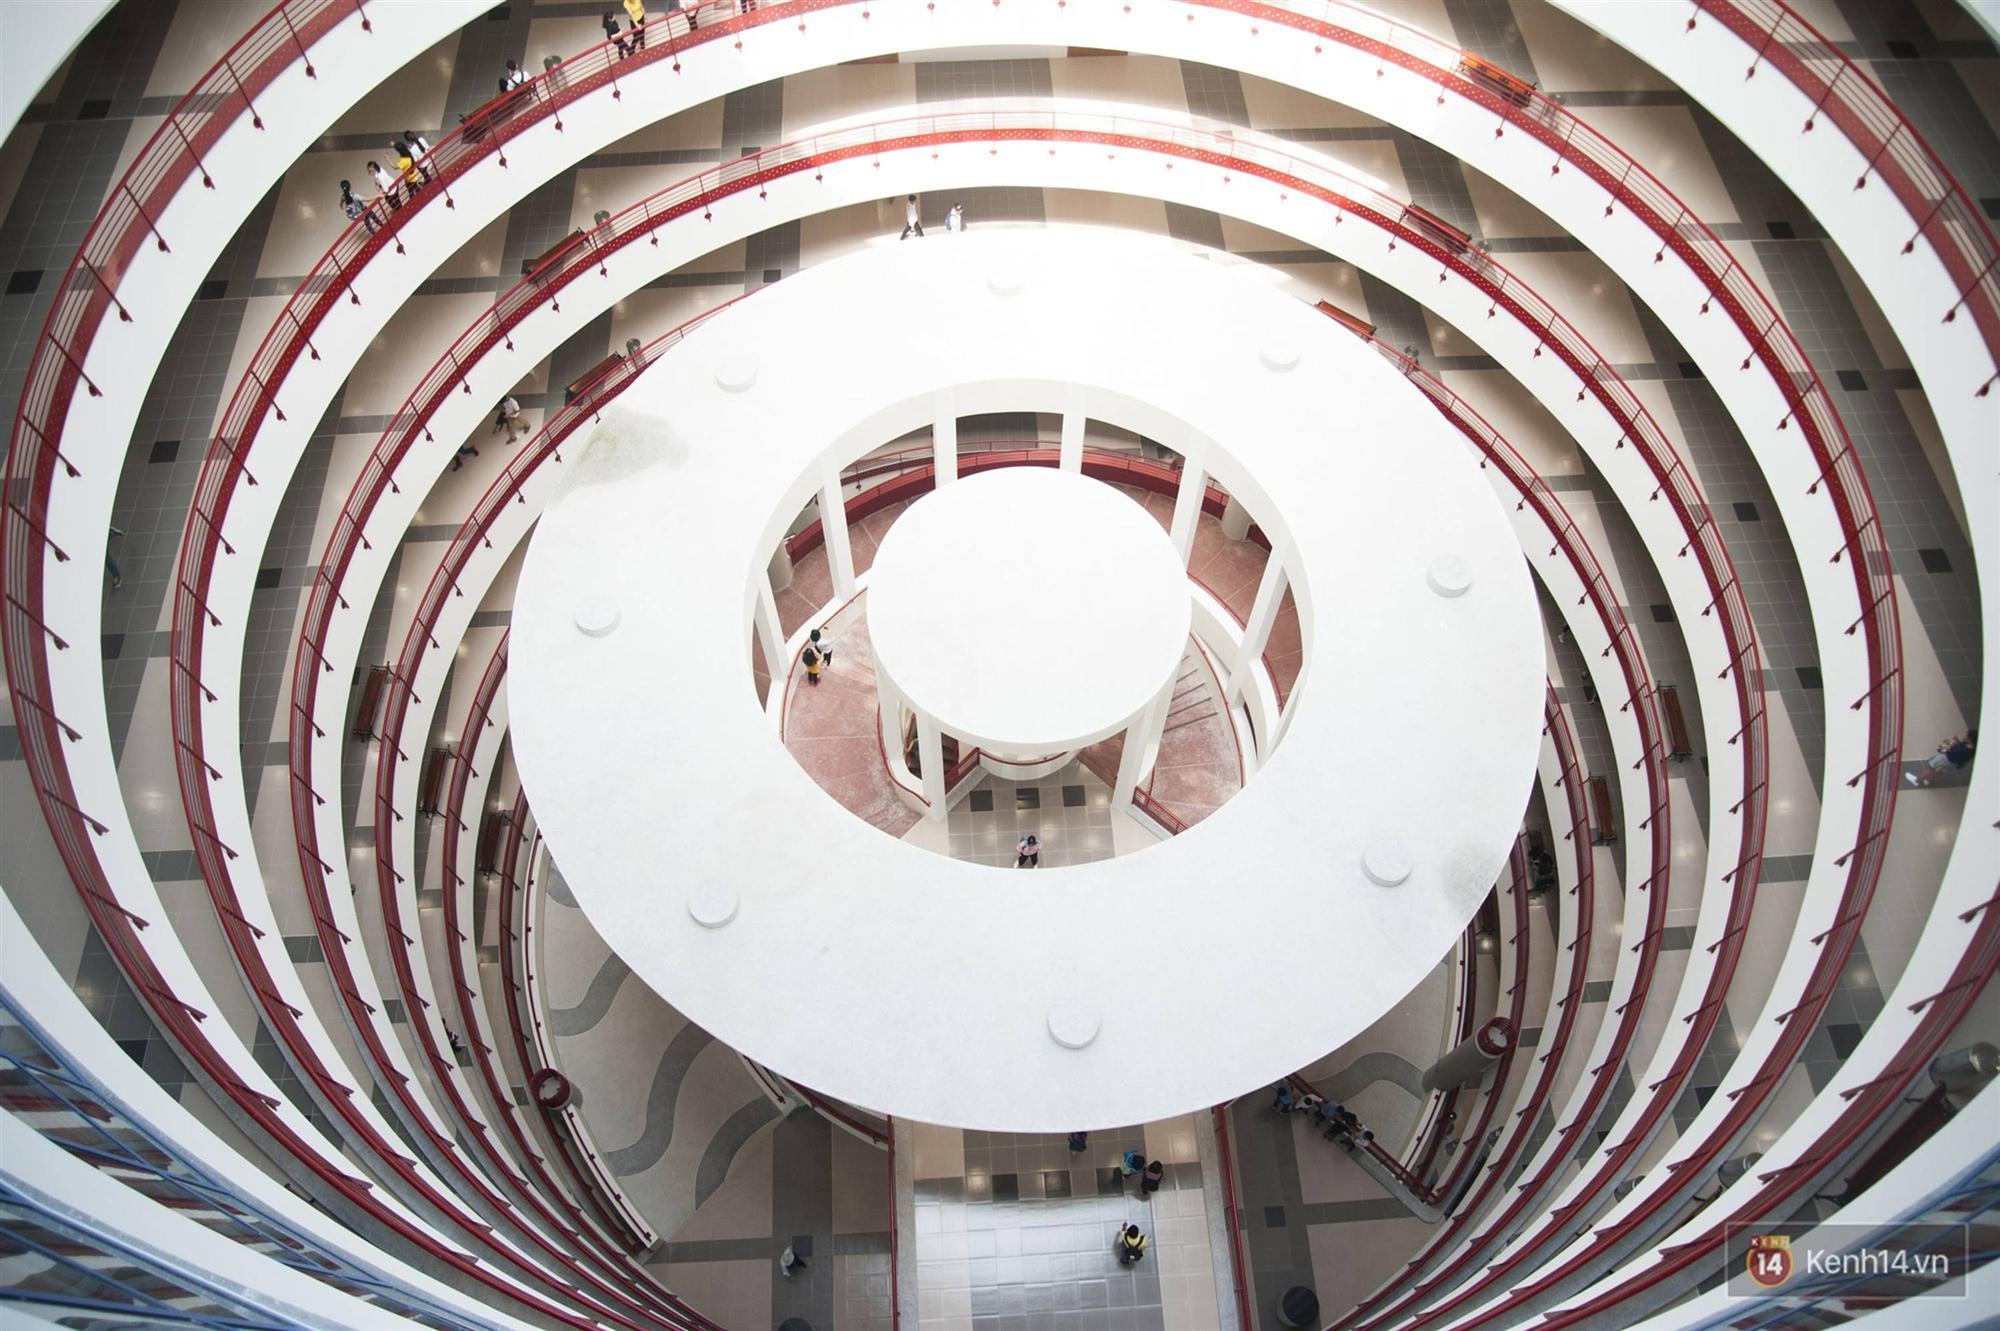 Xịn như Kinh tế Quốc dân: Dựng không gian checkin Noel sang như khách sạn bên trong toà nhà thế kỷ 96.000 m2 với 17 thang máy!-4